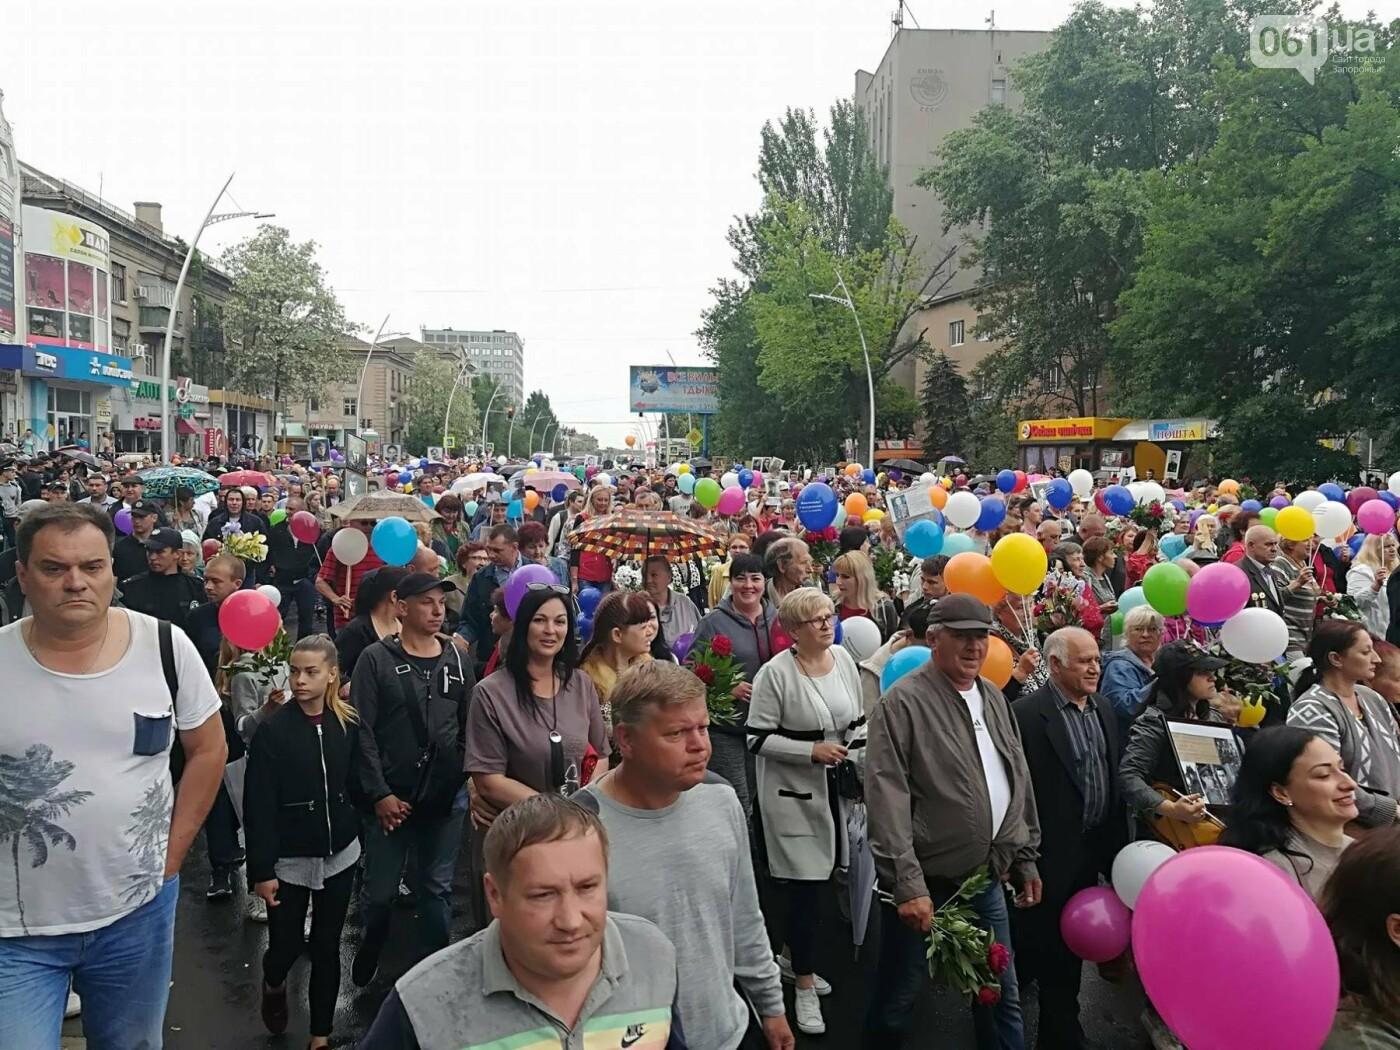 В Мелитополе митинг Балицкого закончился дракой - полиция просила снять георгиевские ленты, - ФОТО, ВИДЕО, фото-15